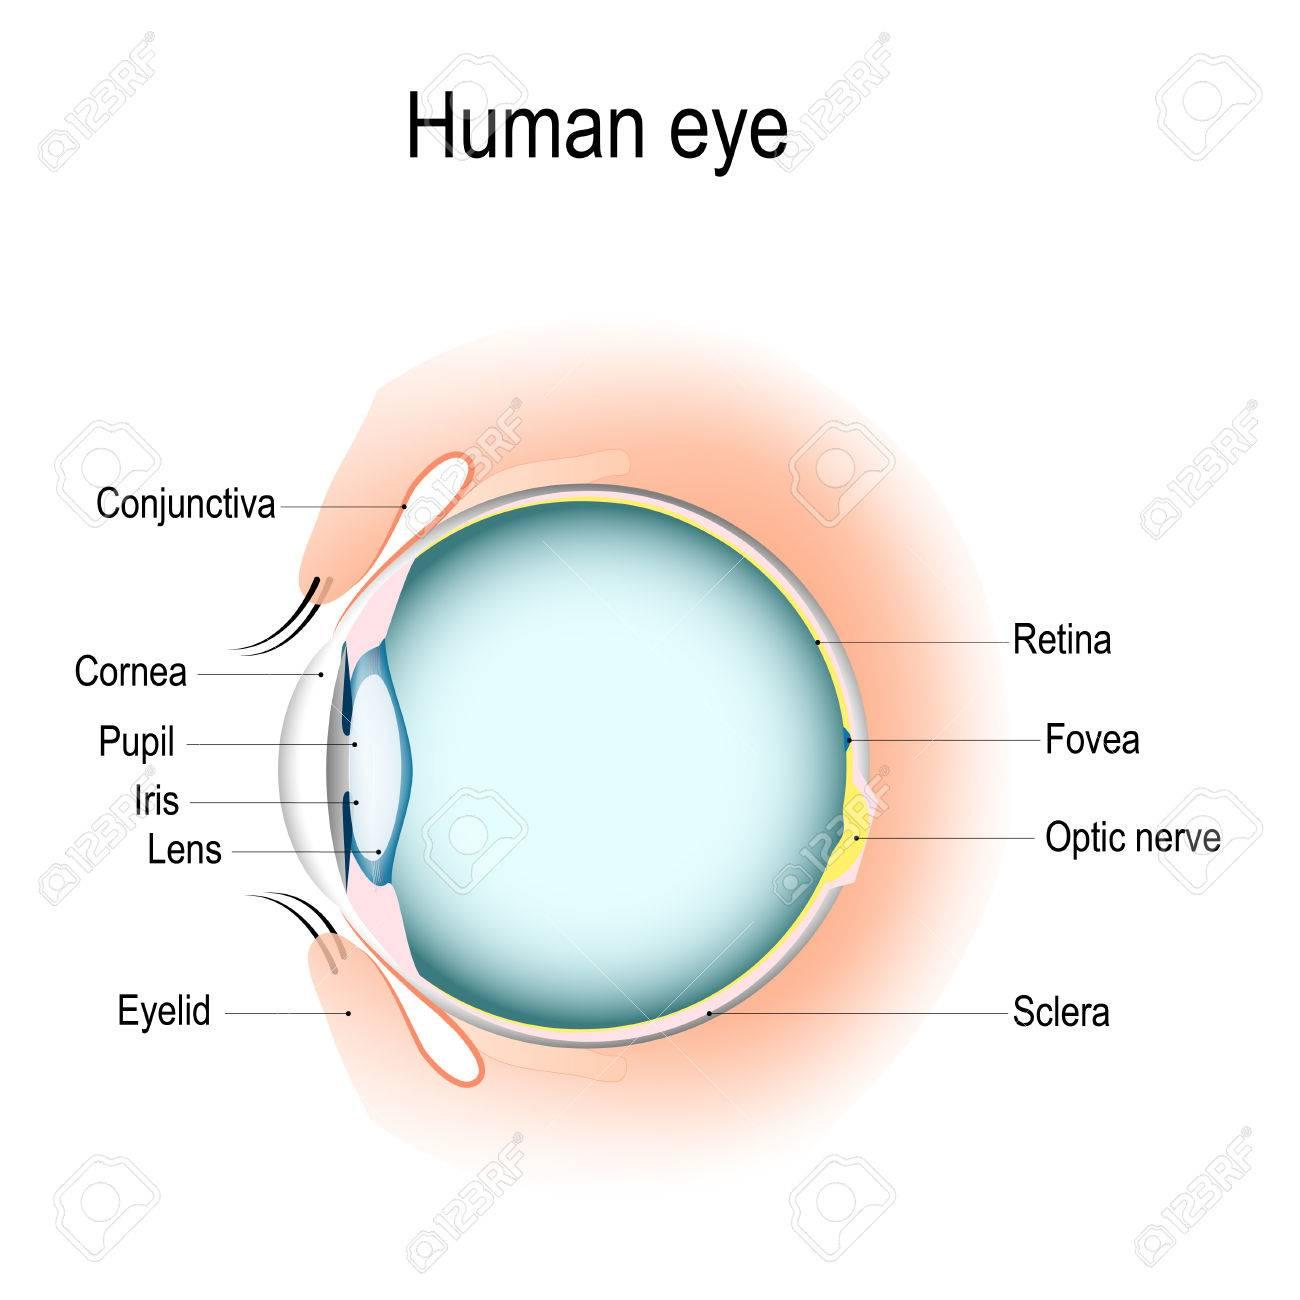 Anatomía Del Ojo Humano, Sección Vertical Del Ojo Y Párpados ...